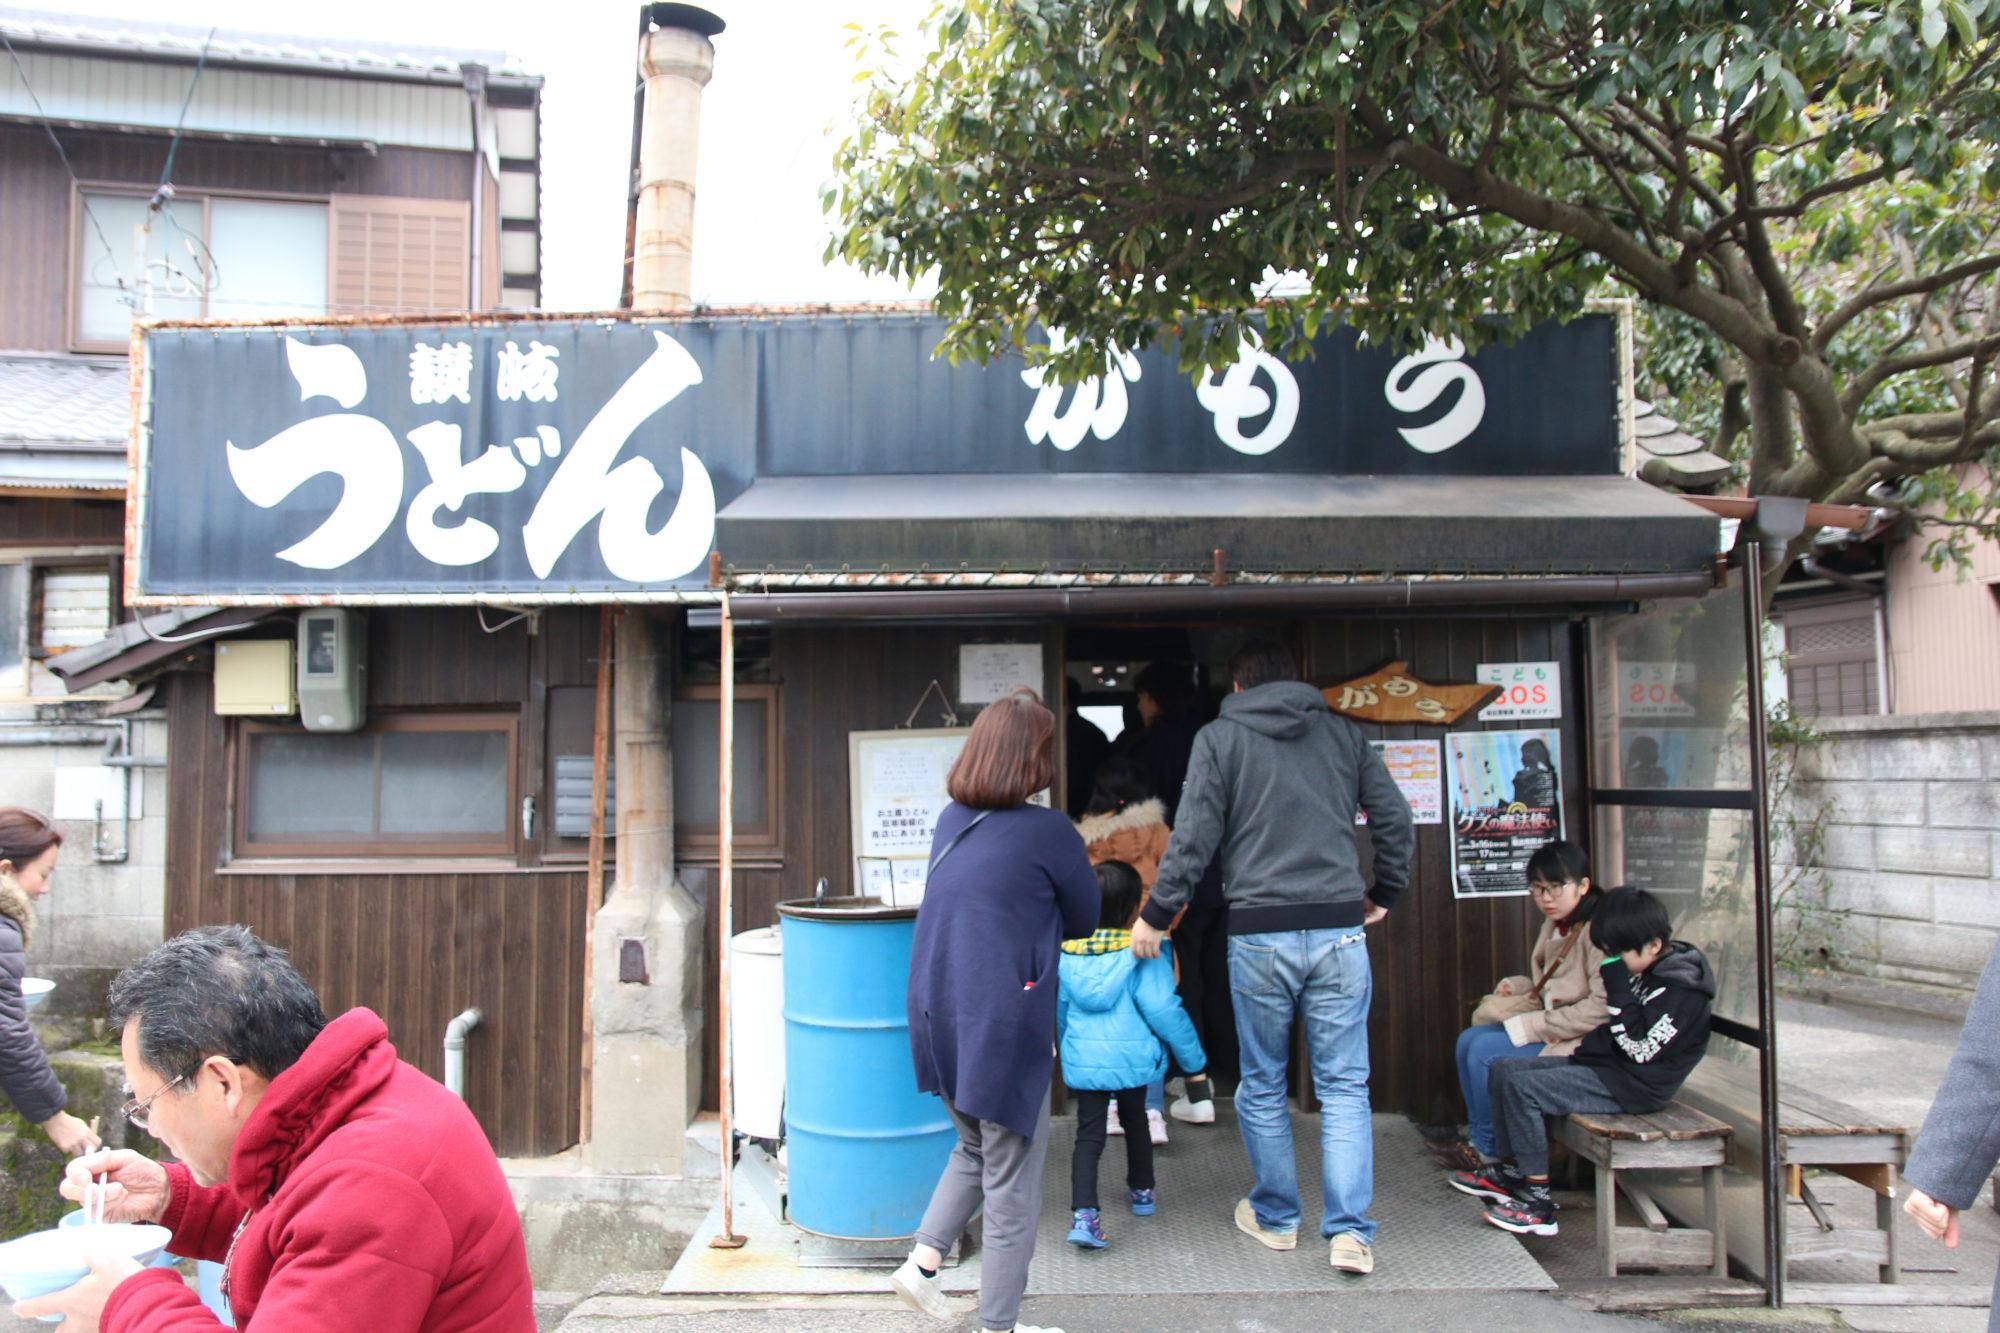 香川 『がもう』で朝からかけうどん